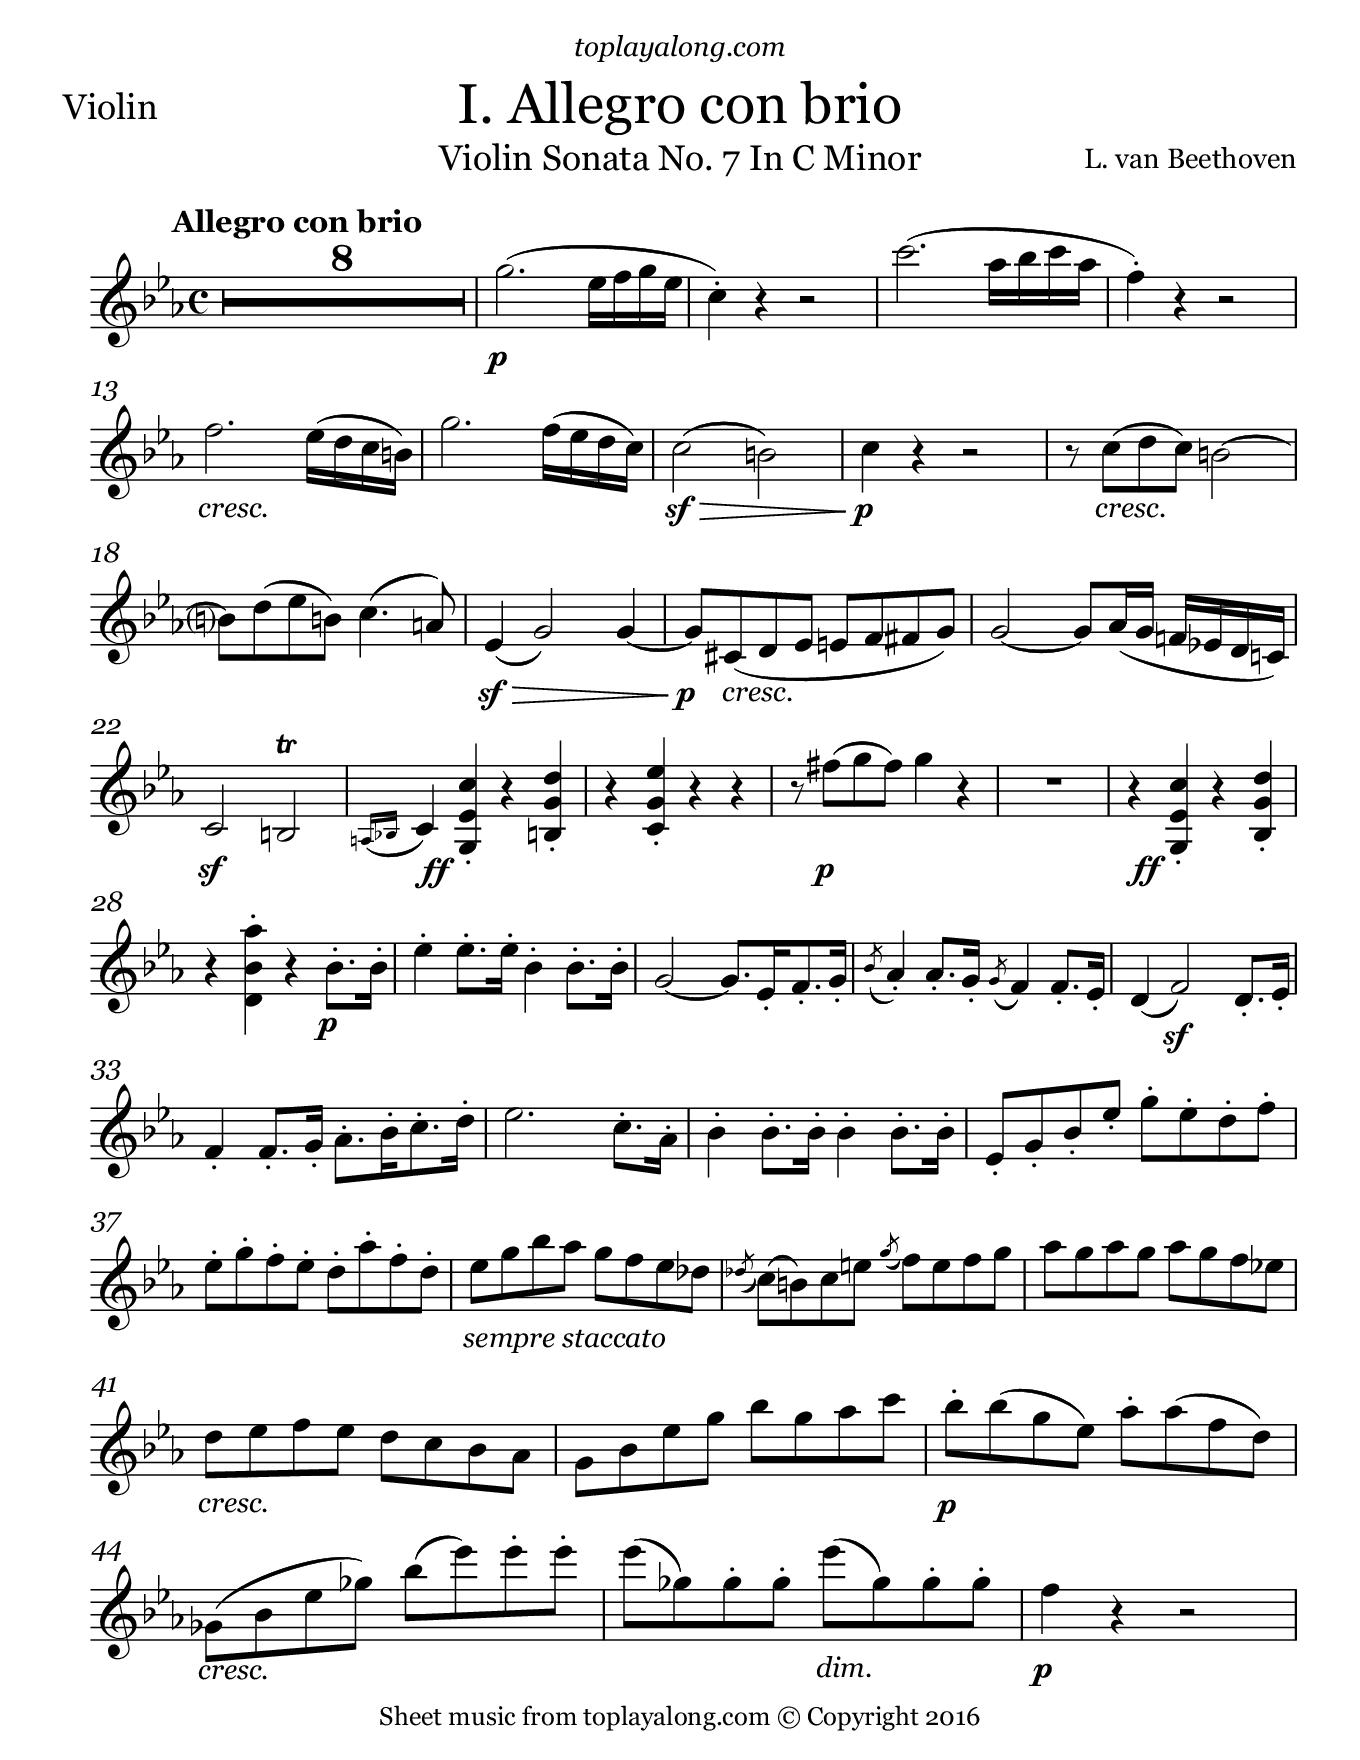 Violin Sonata No 7 I Allegro By Beethoven Free Sheet